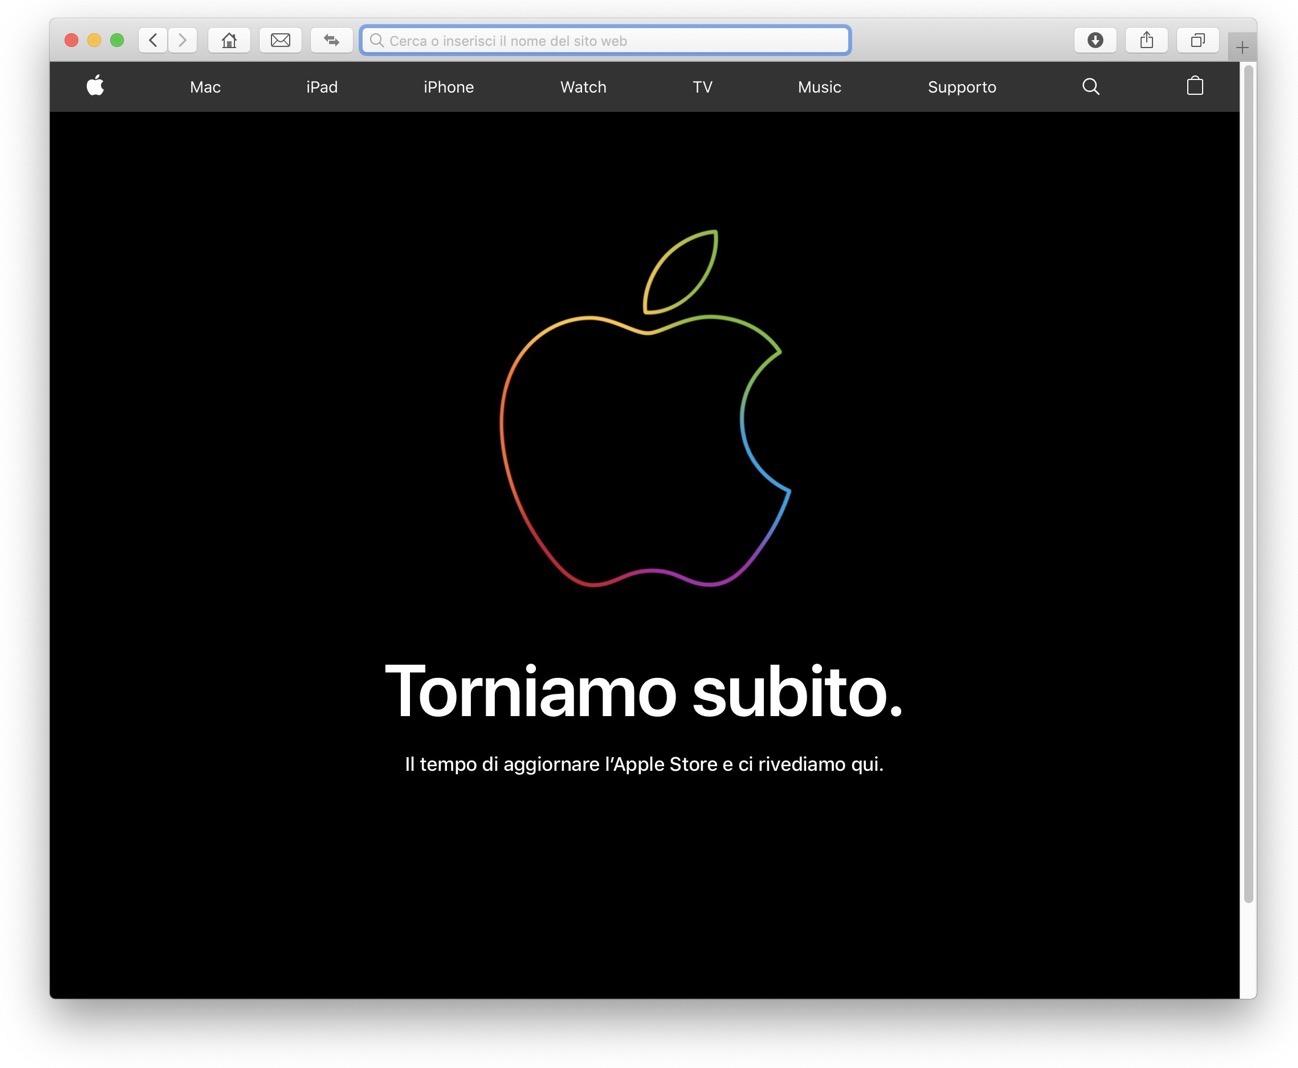 Apple Store torniamo subito